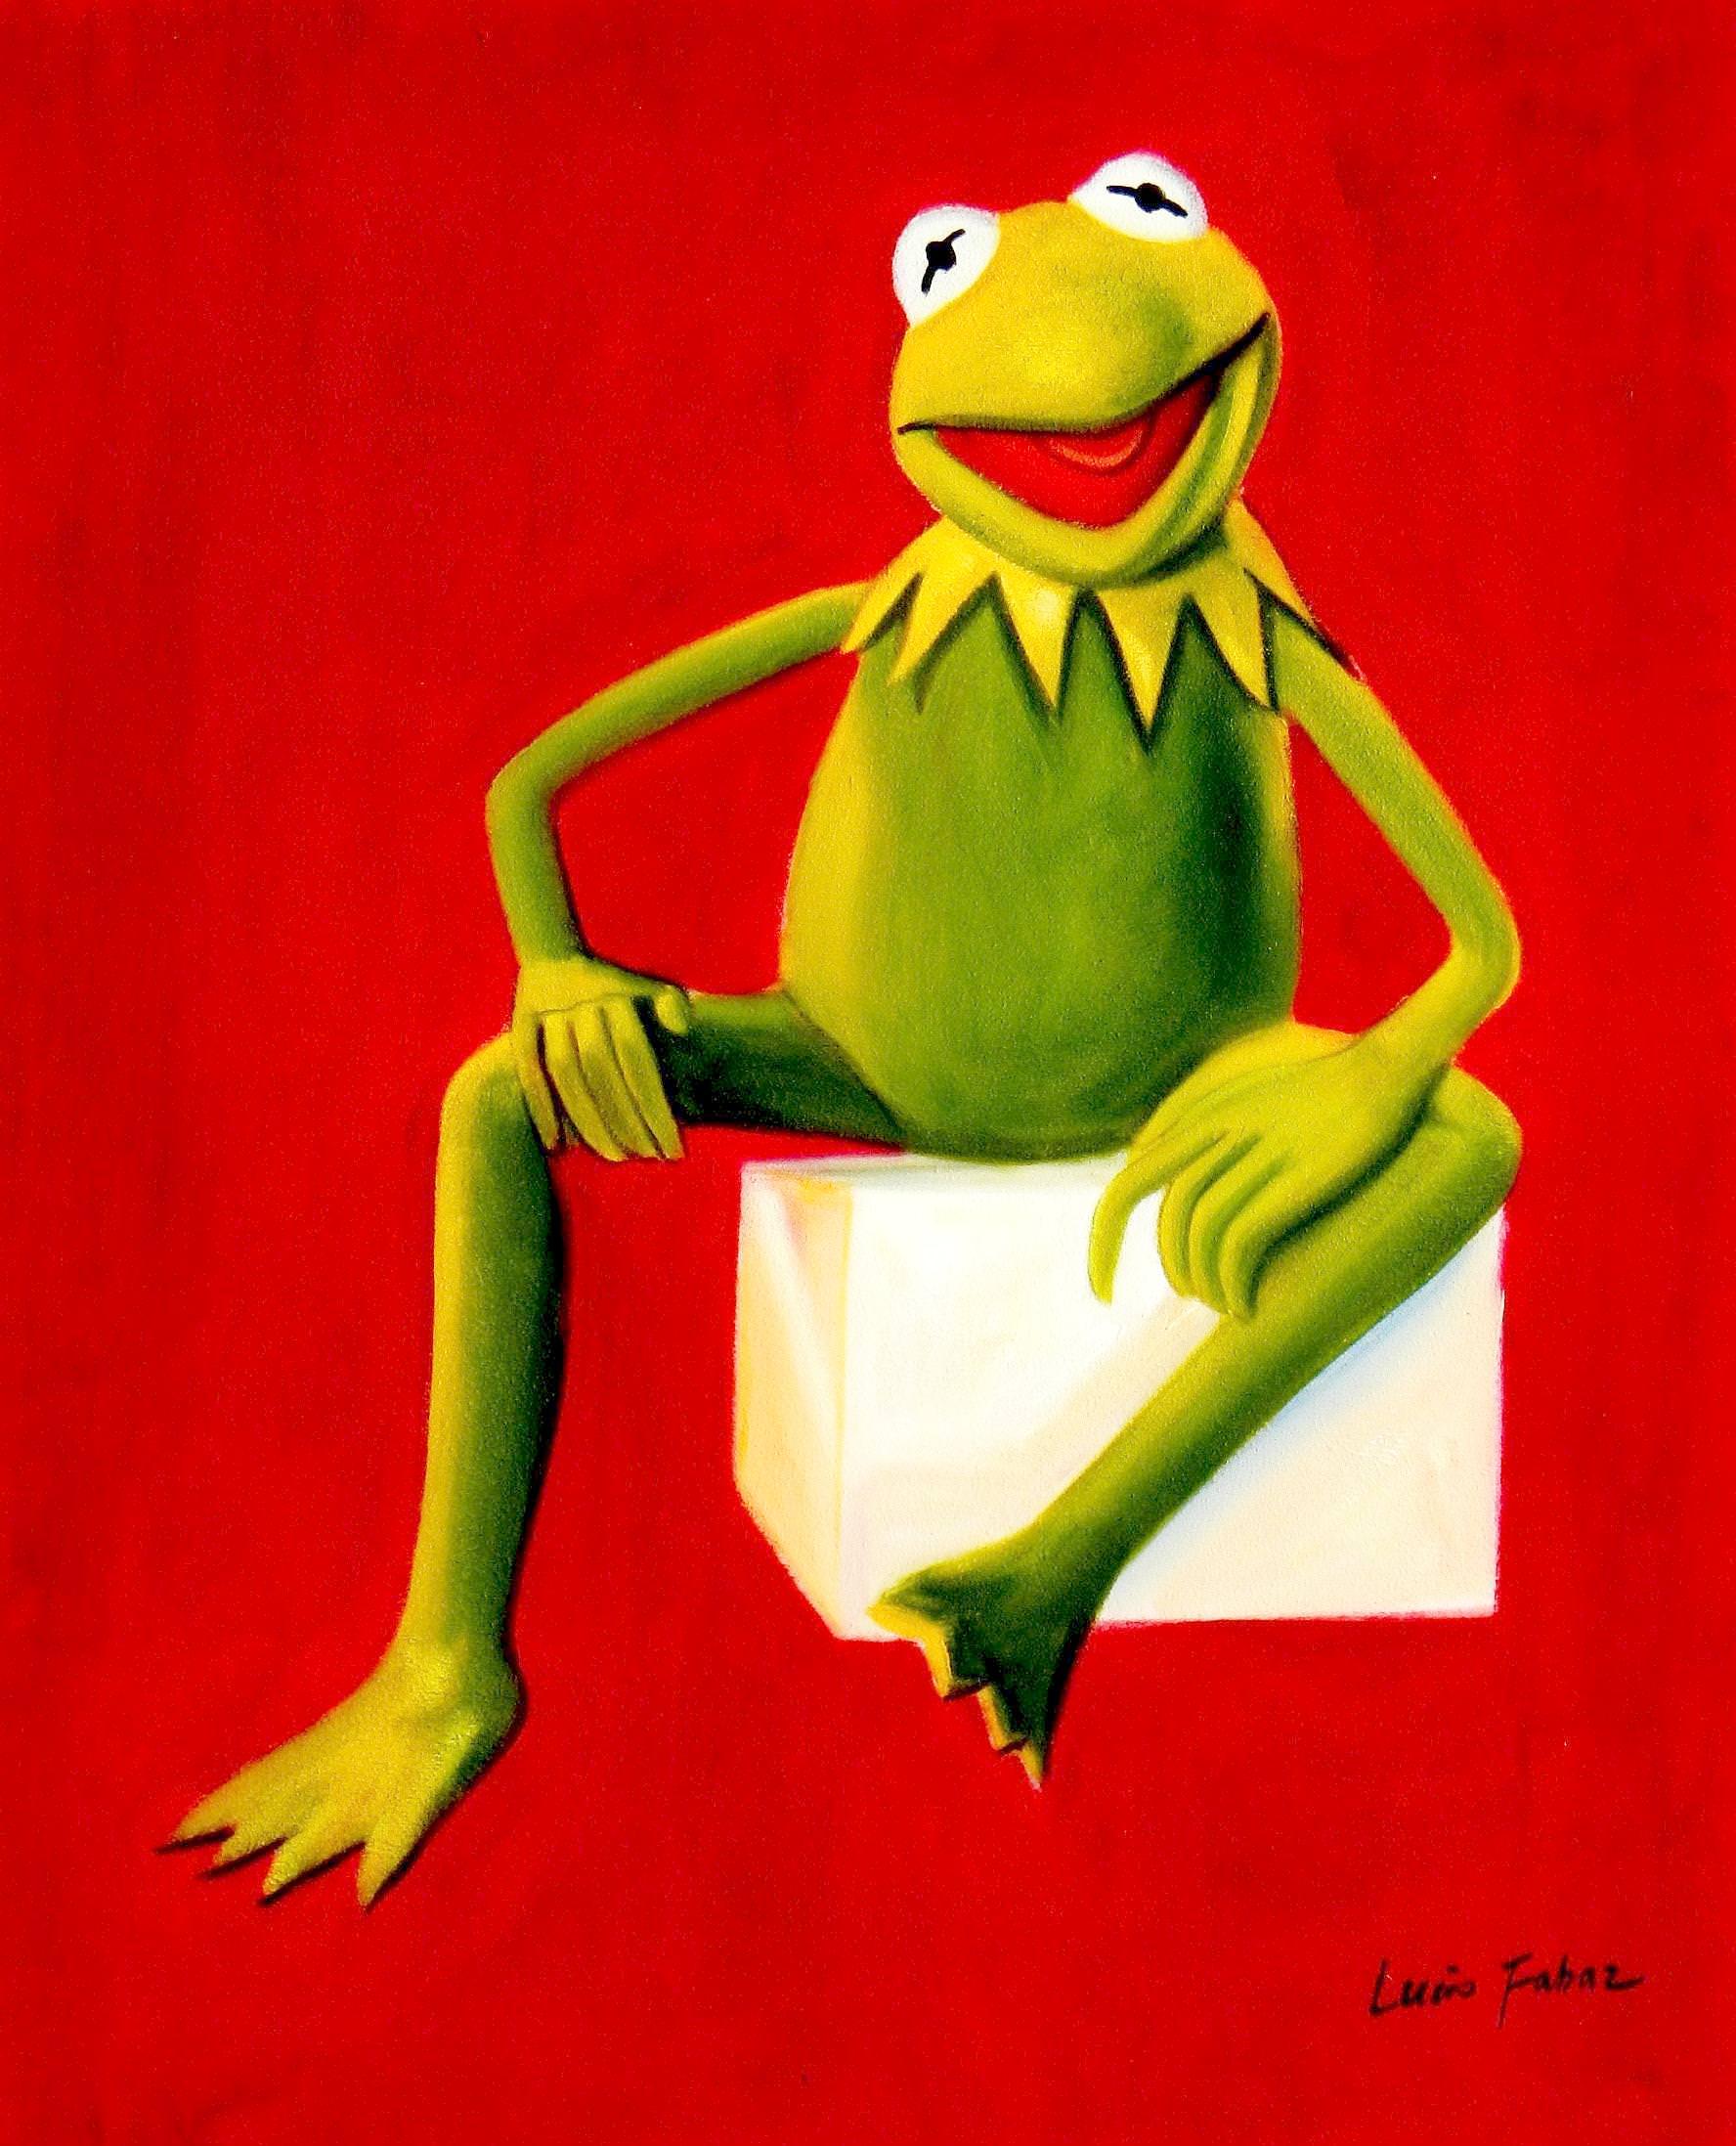 Pop Art - Muppets Kermit auf Rot b93238 40x50cm spektakuläres Ölbild handgemalt